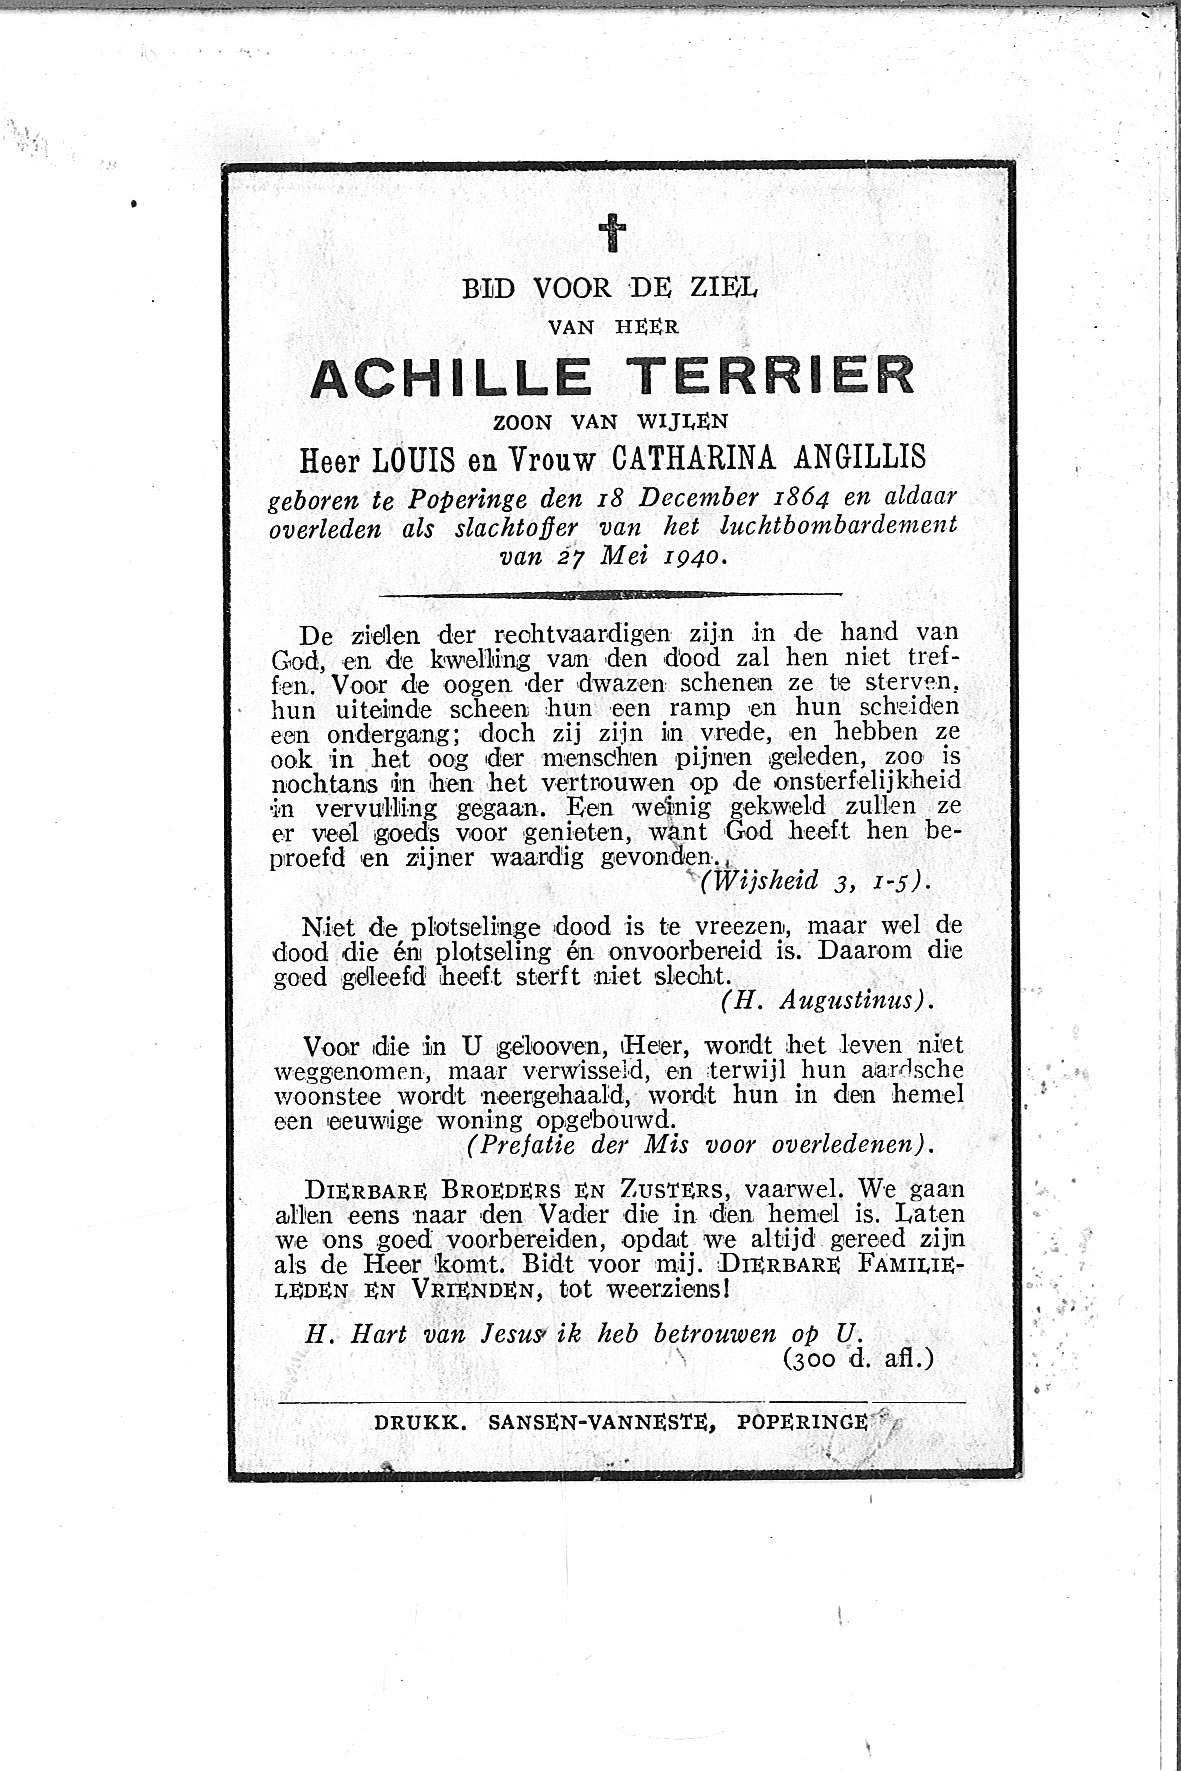 Achille(1940)20140806084036_00060.jpg